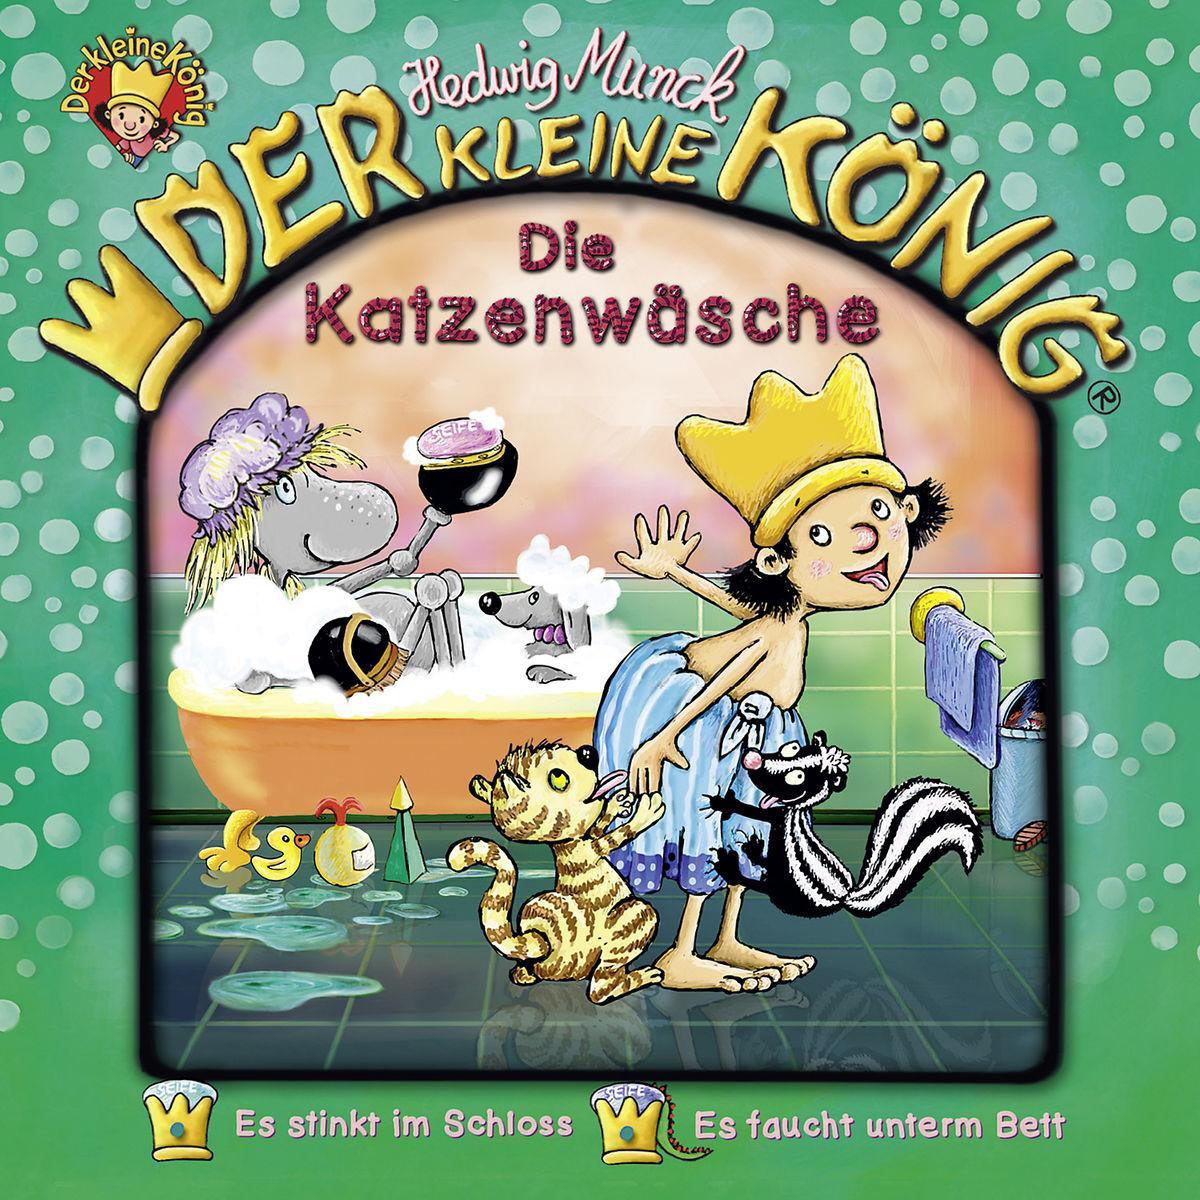 39: Die Katzenwäsche  Der Kleine König  Audio-CD  2018